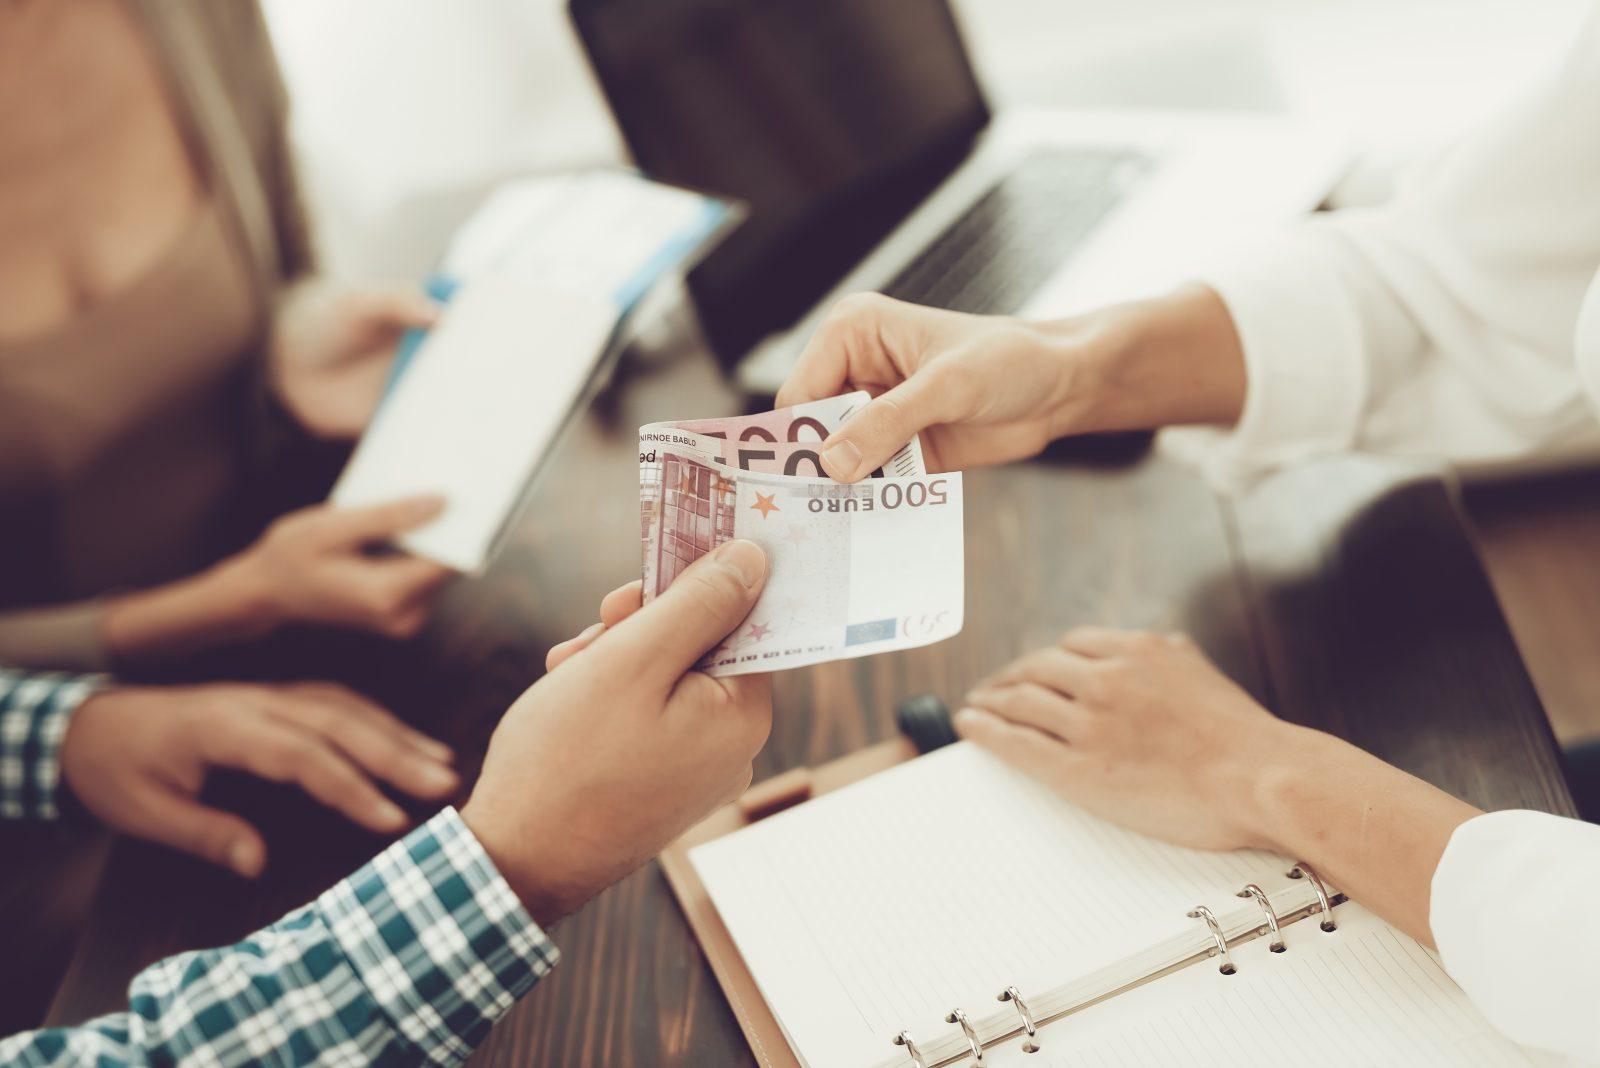 Открытие визового центра по франшизе: как выбрать франшизу и начать успешно работать